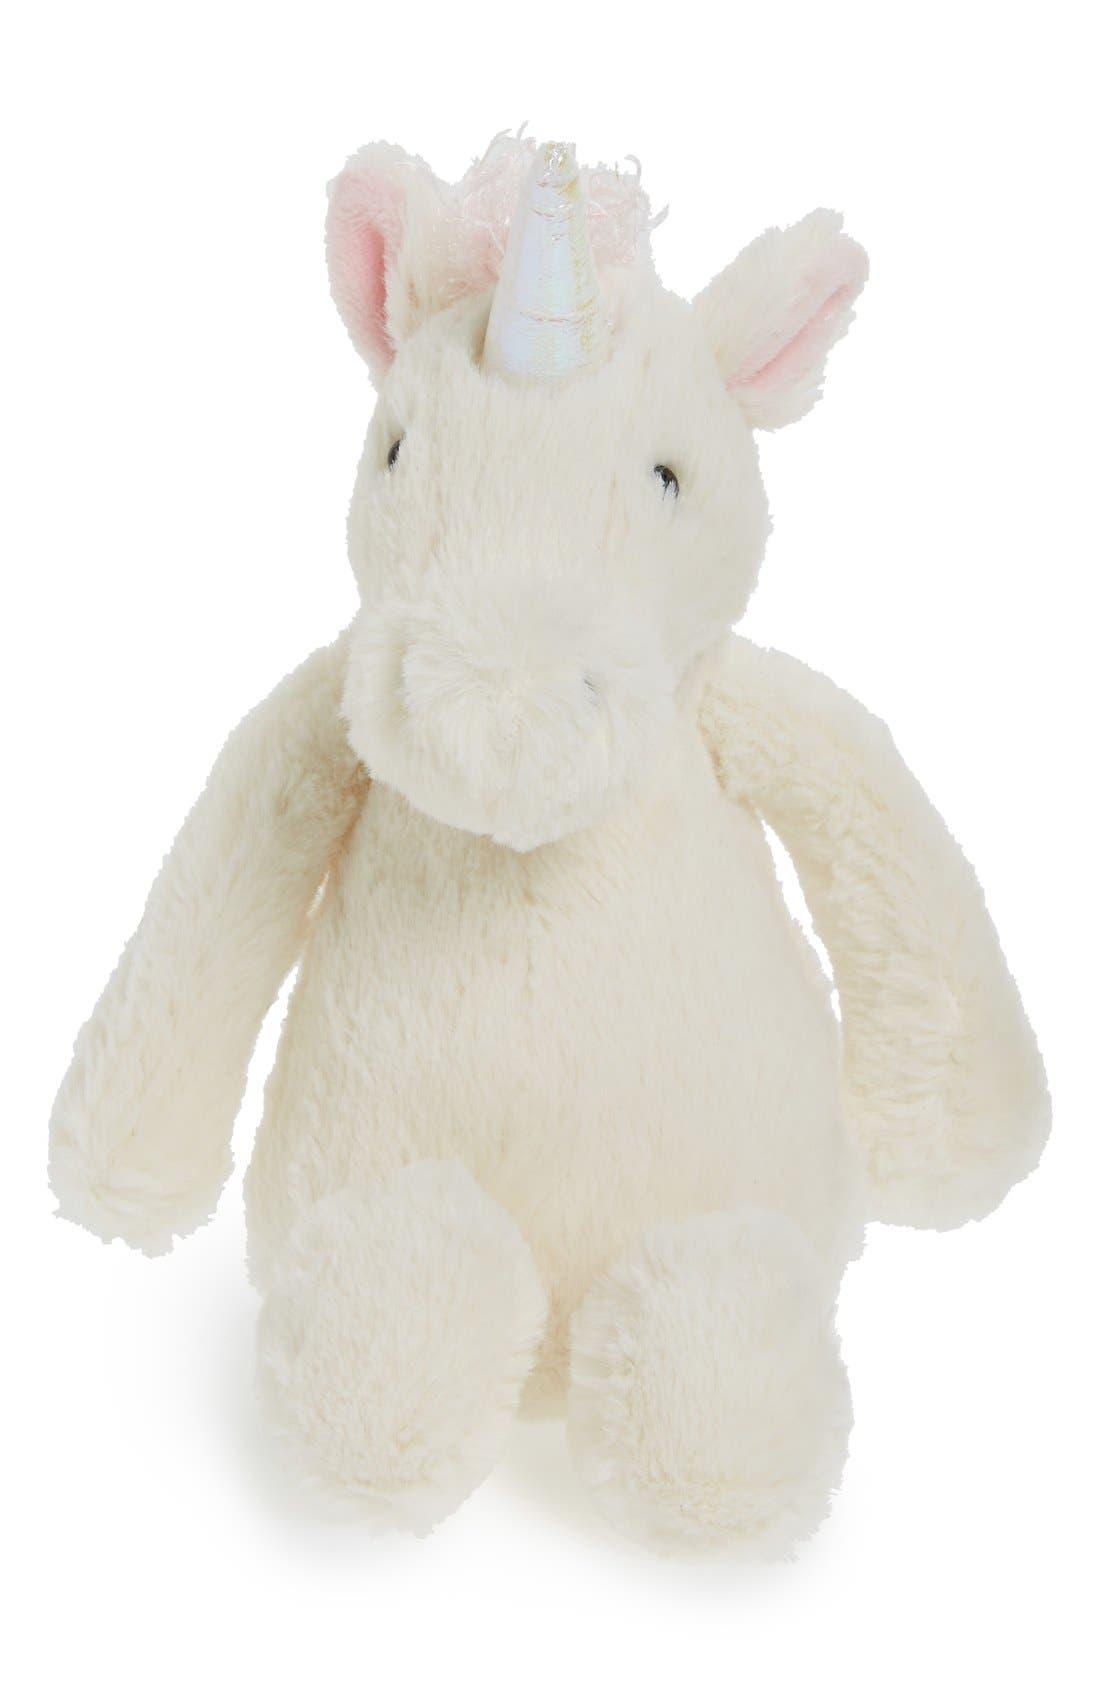 Jellycat 'Small Bashful Unicorn' Stuffed Animal